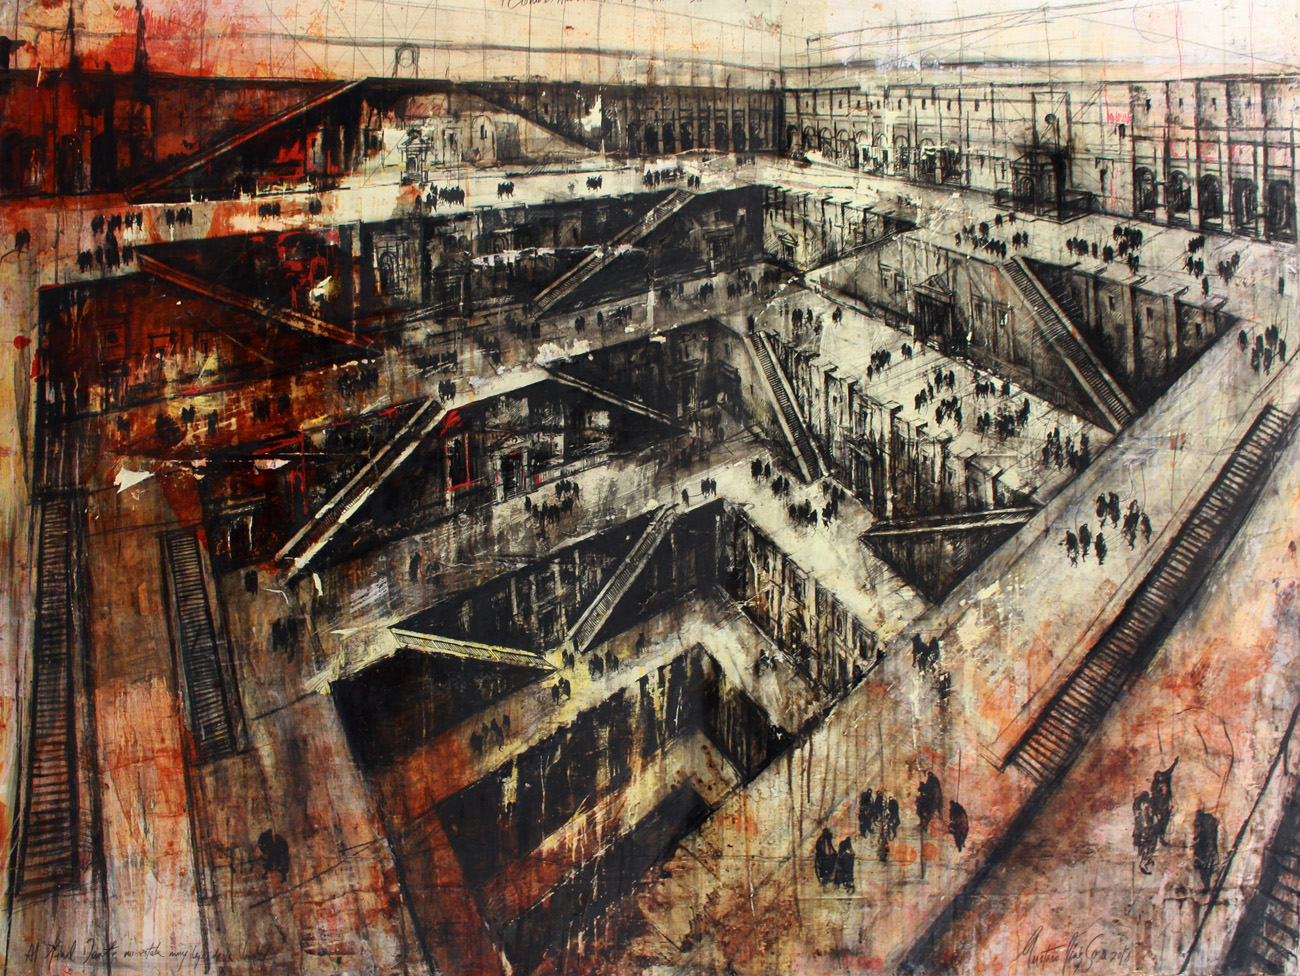 Gustavo Díaz Sosa. Como es arriba es abajo como es dentro es fuera. De la serie de los circulos de Dante, 2019. Técnica mixta sobre lino. 150 x 200 px.